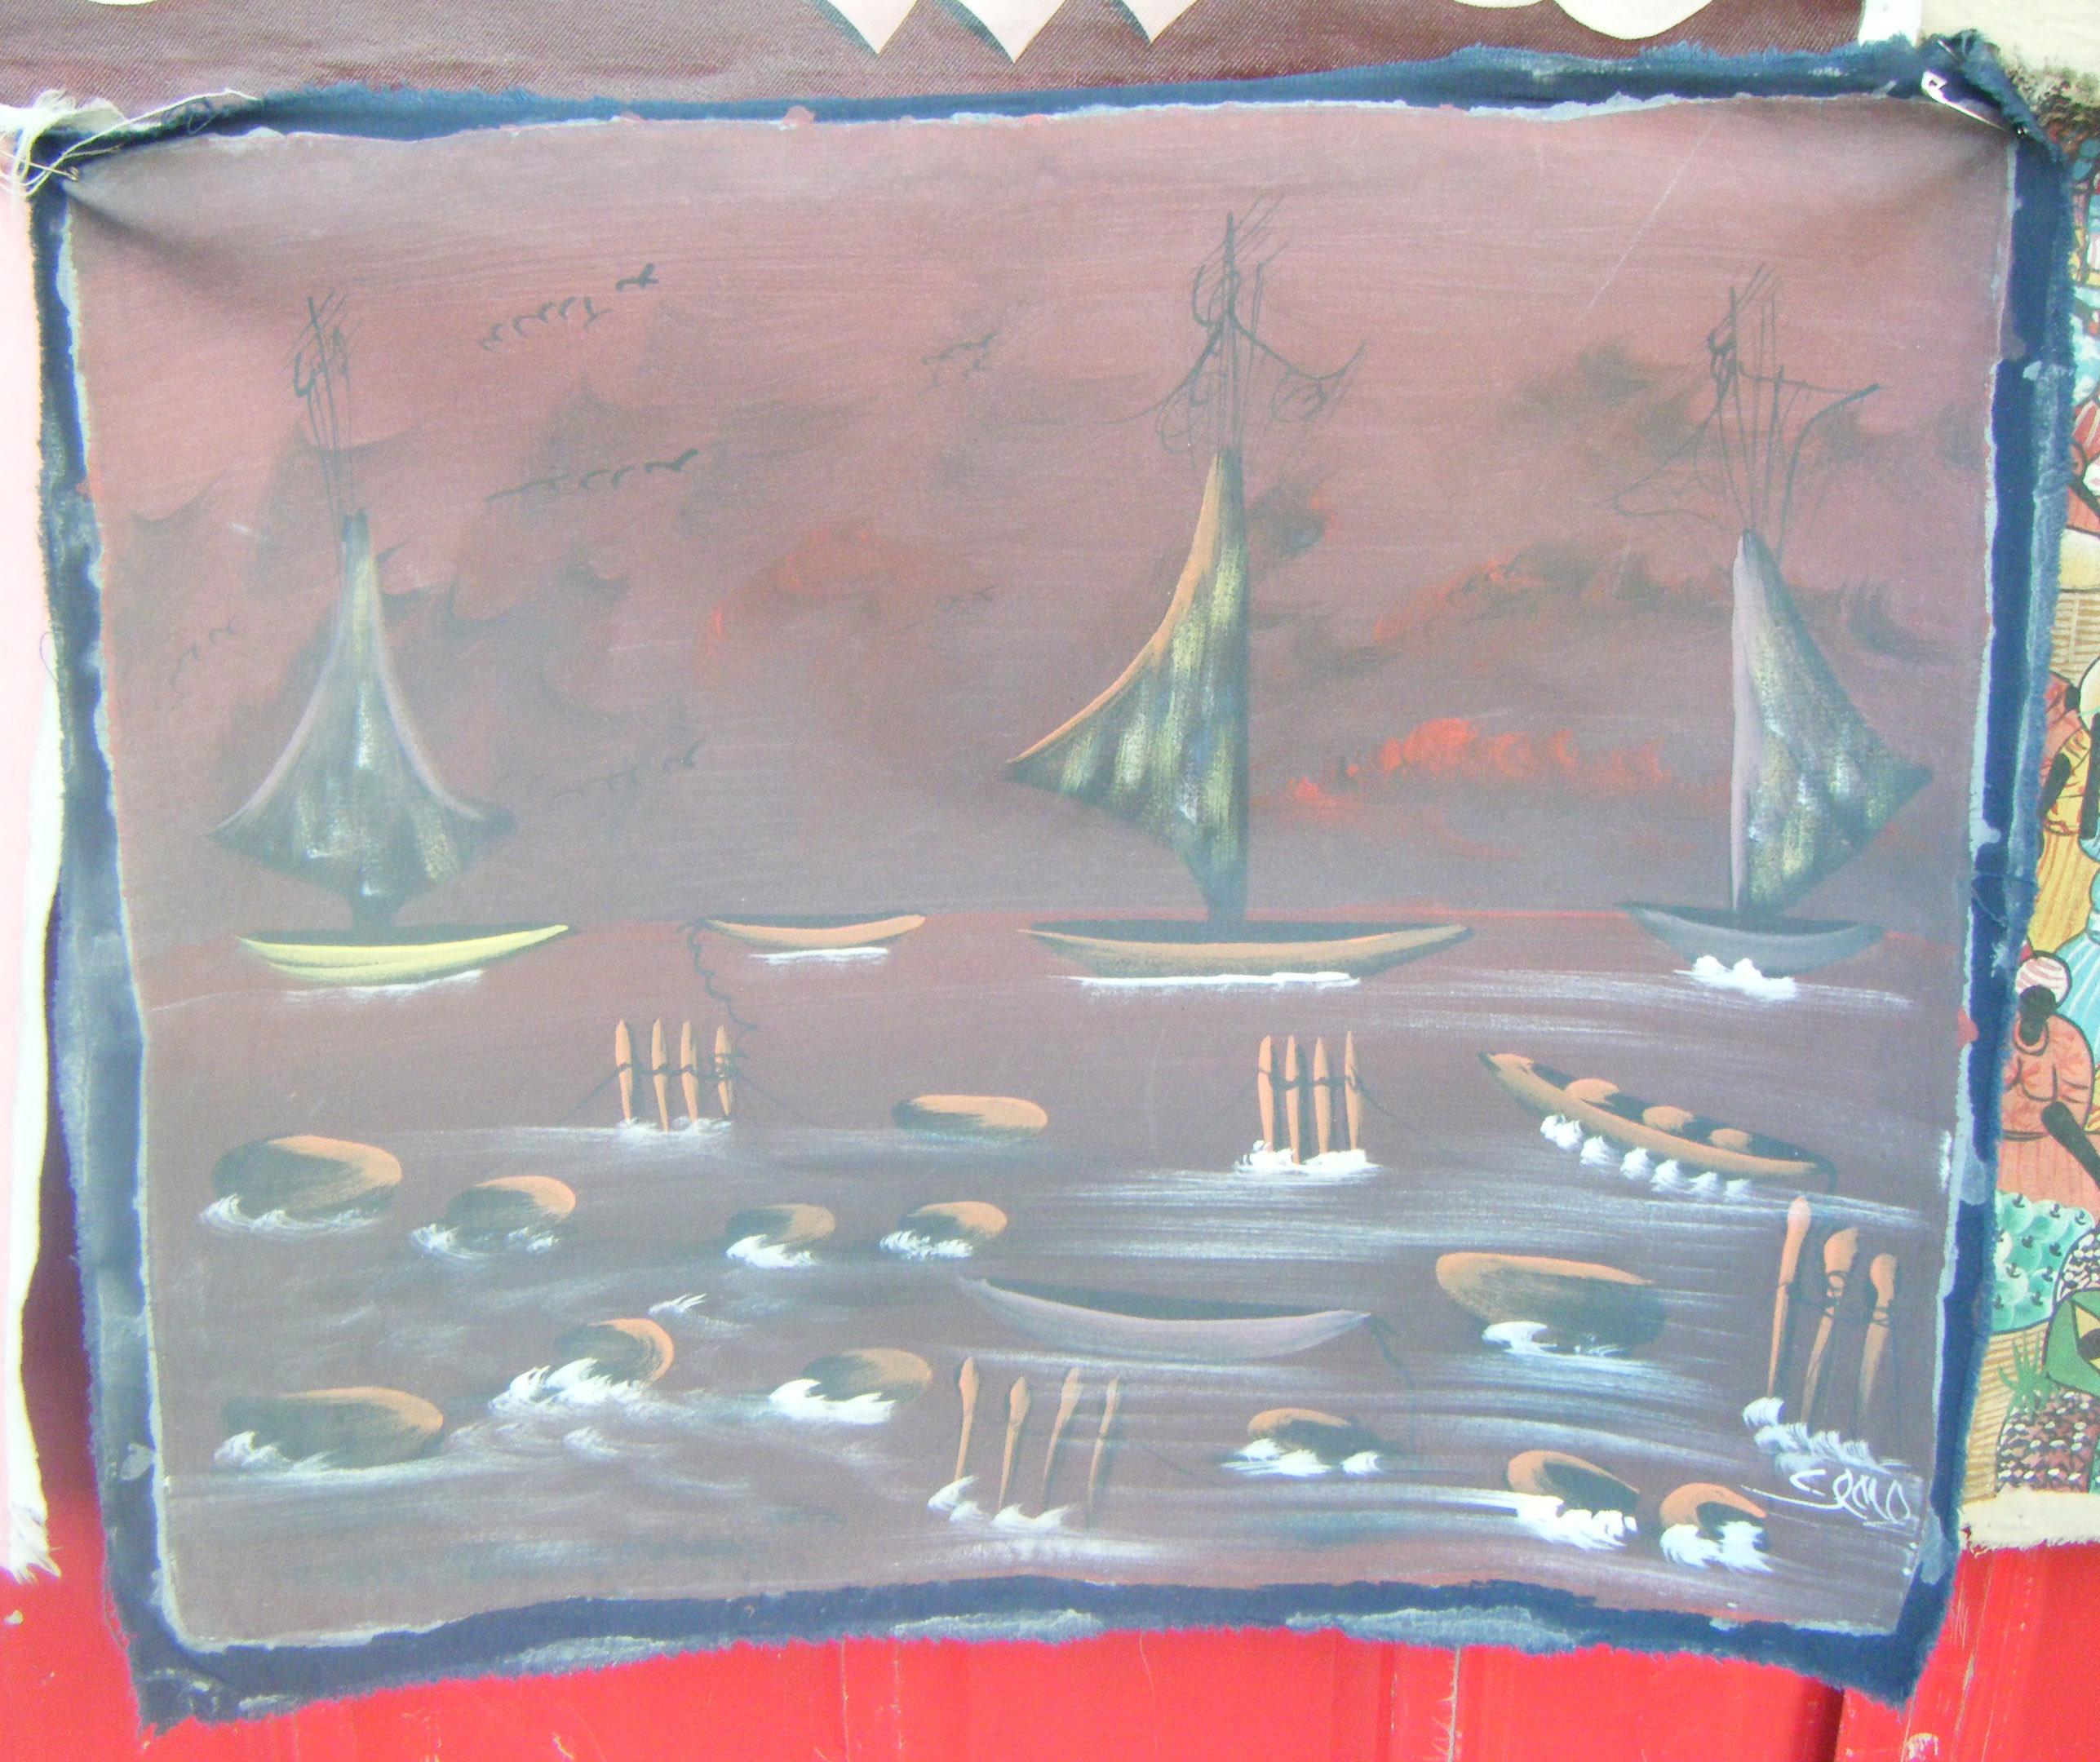 Boten op de zee origineel schilderij op doek volkskunst ha ti eur veiling nederland - Mandje doek doek ...